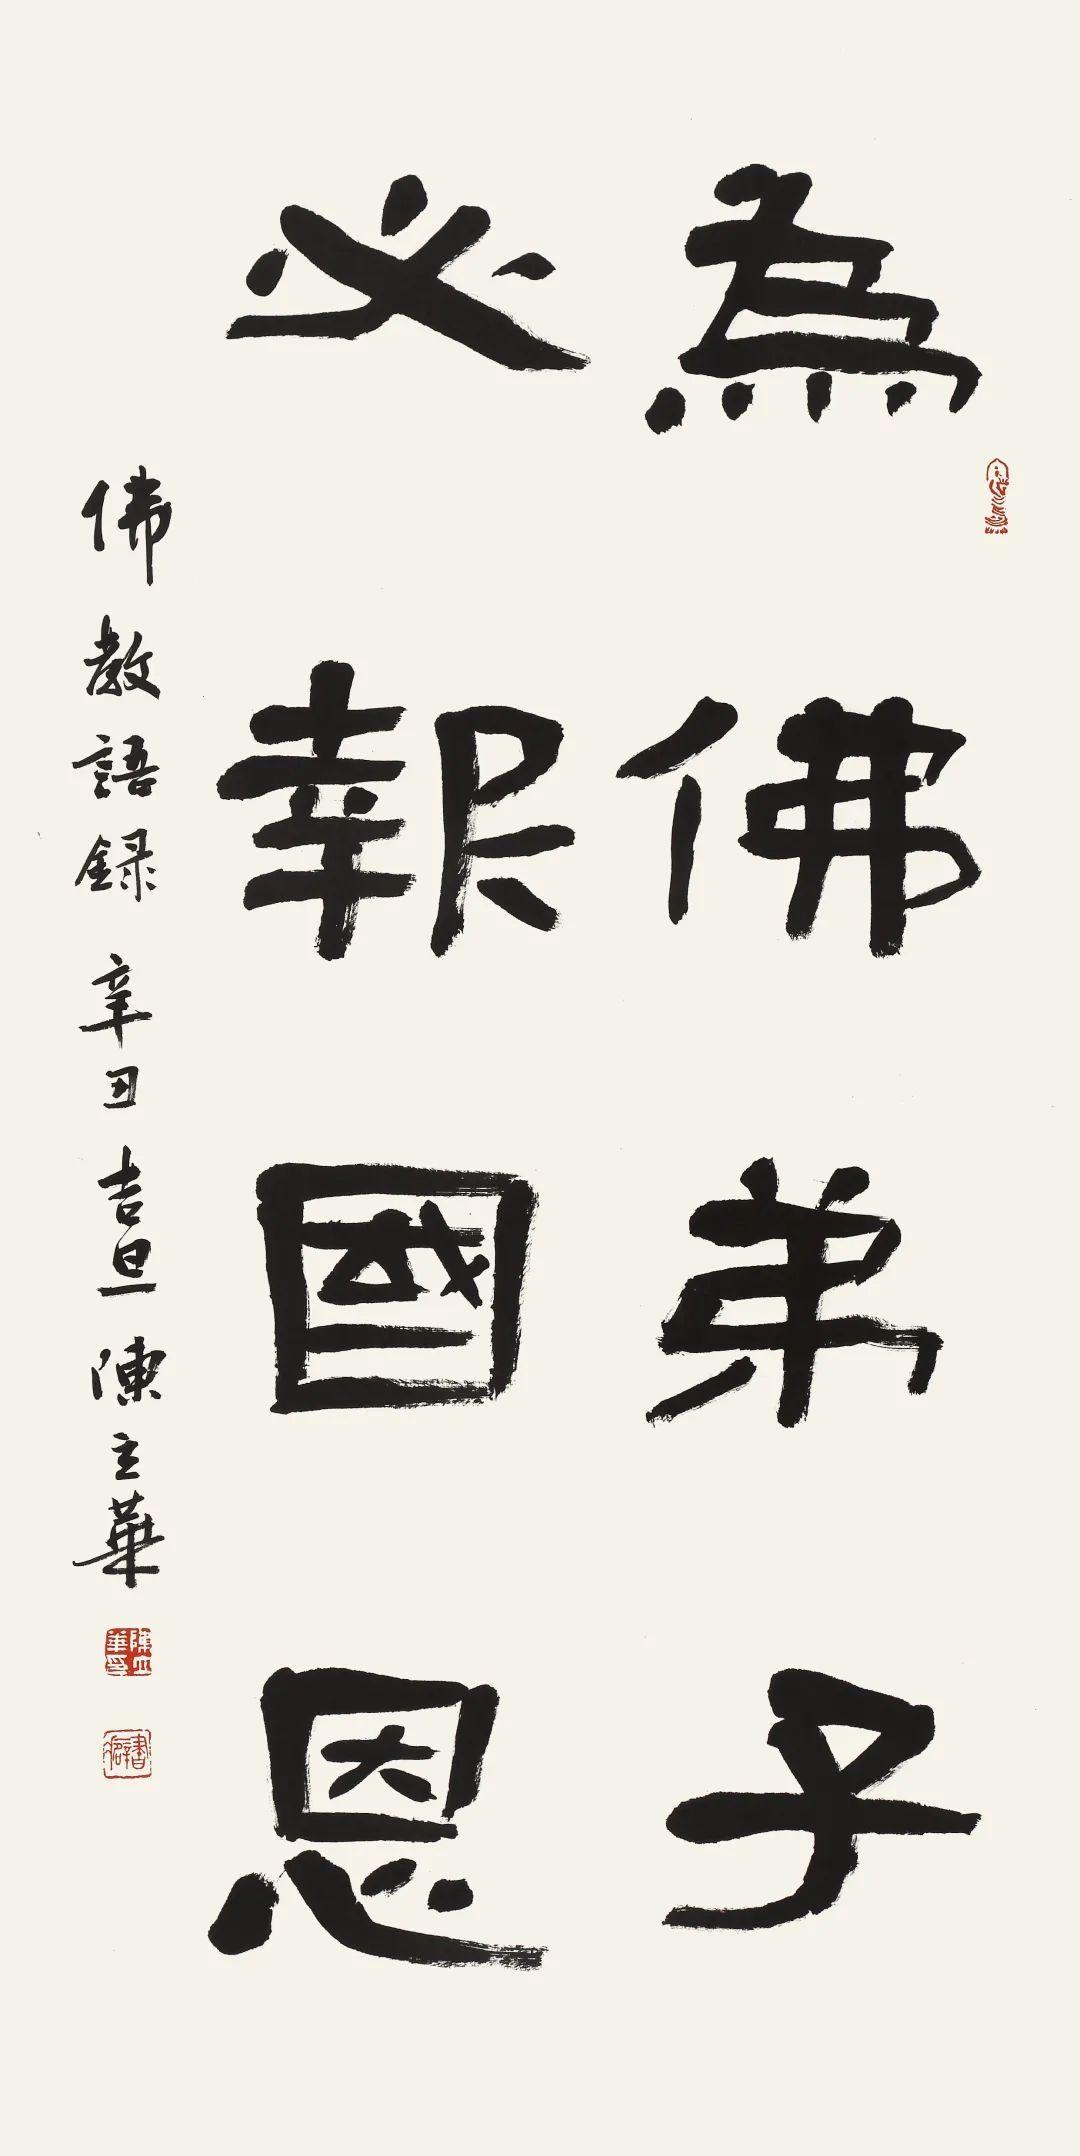 中国书法家协会会员、广州市书法家协会副主席、广州羊城书法研究会副会长兼秘书长陈立华